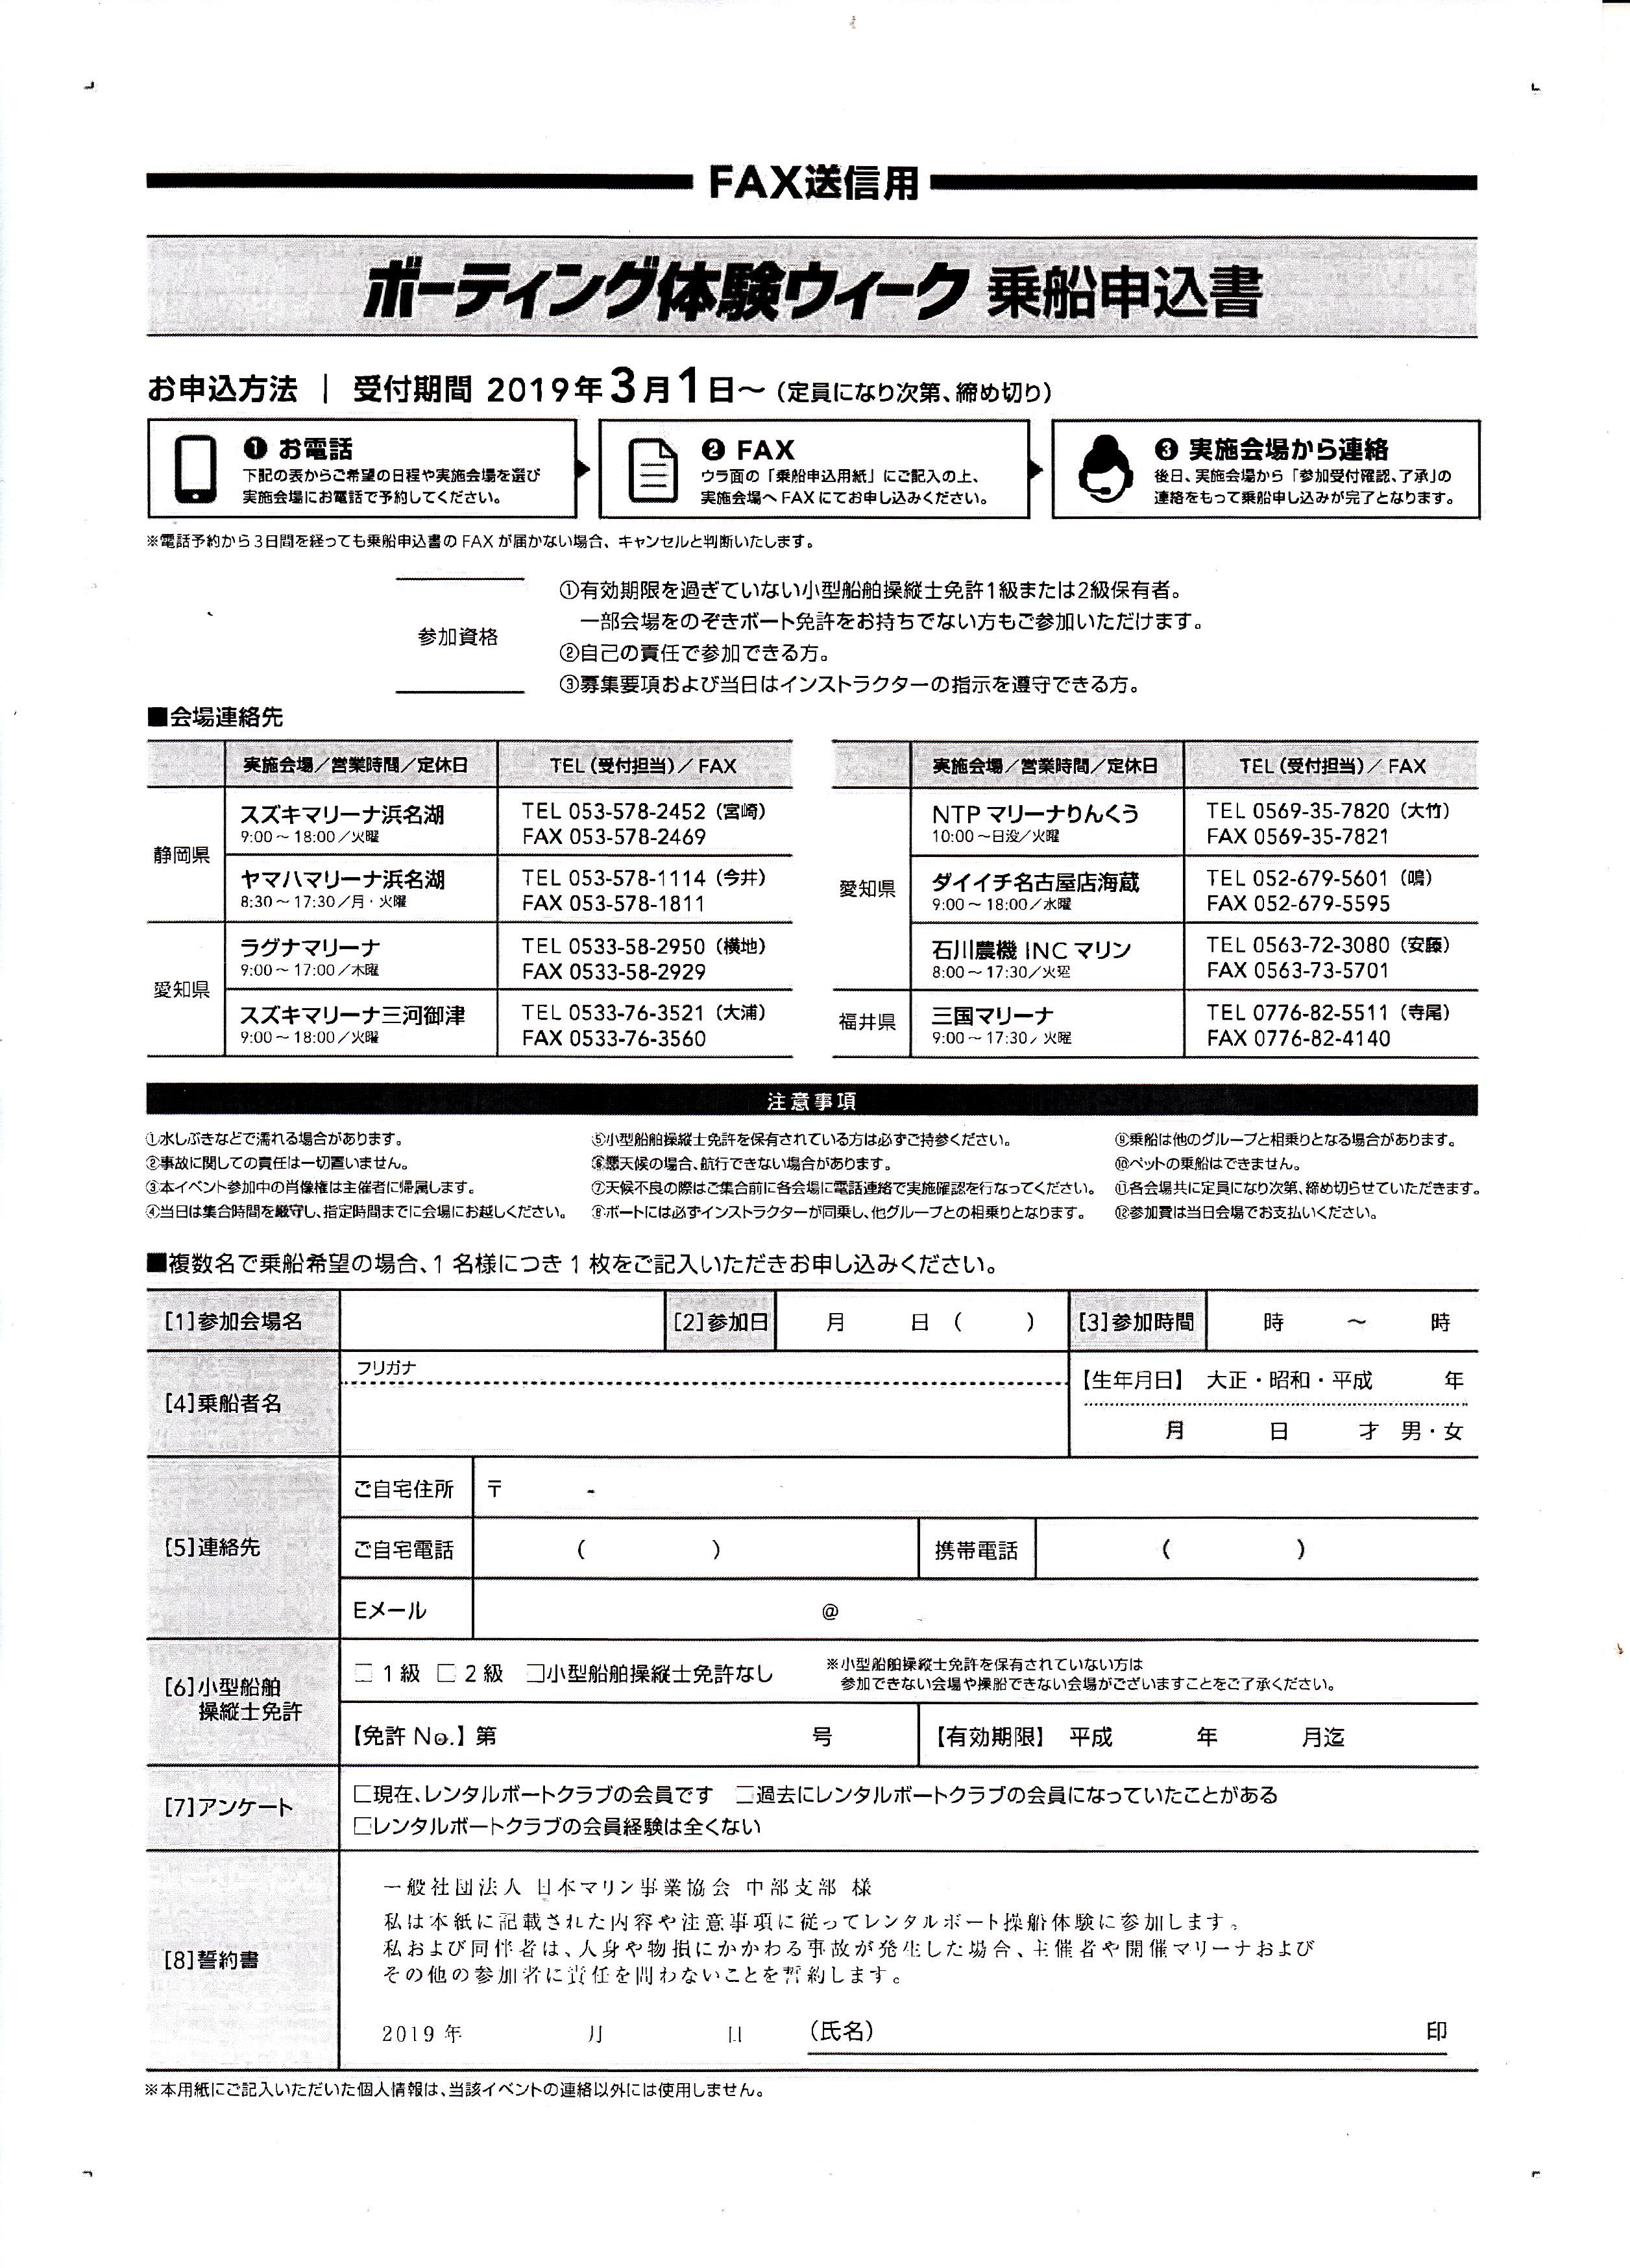 https://www.suzukimarine.co.jp/marina/hamanako/blog/img/HE-8S_0001.jpg